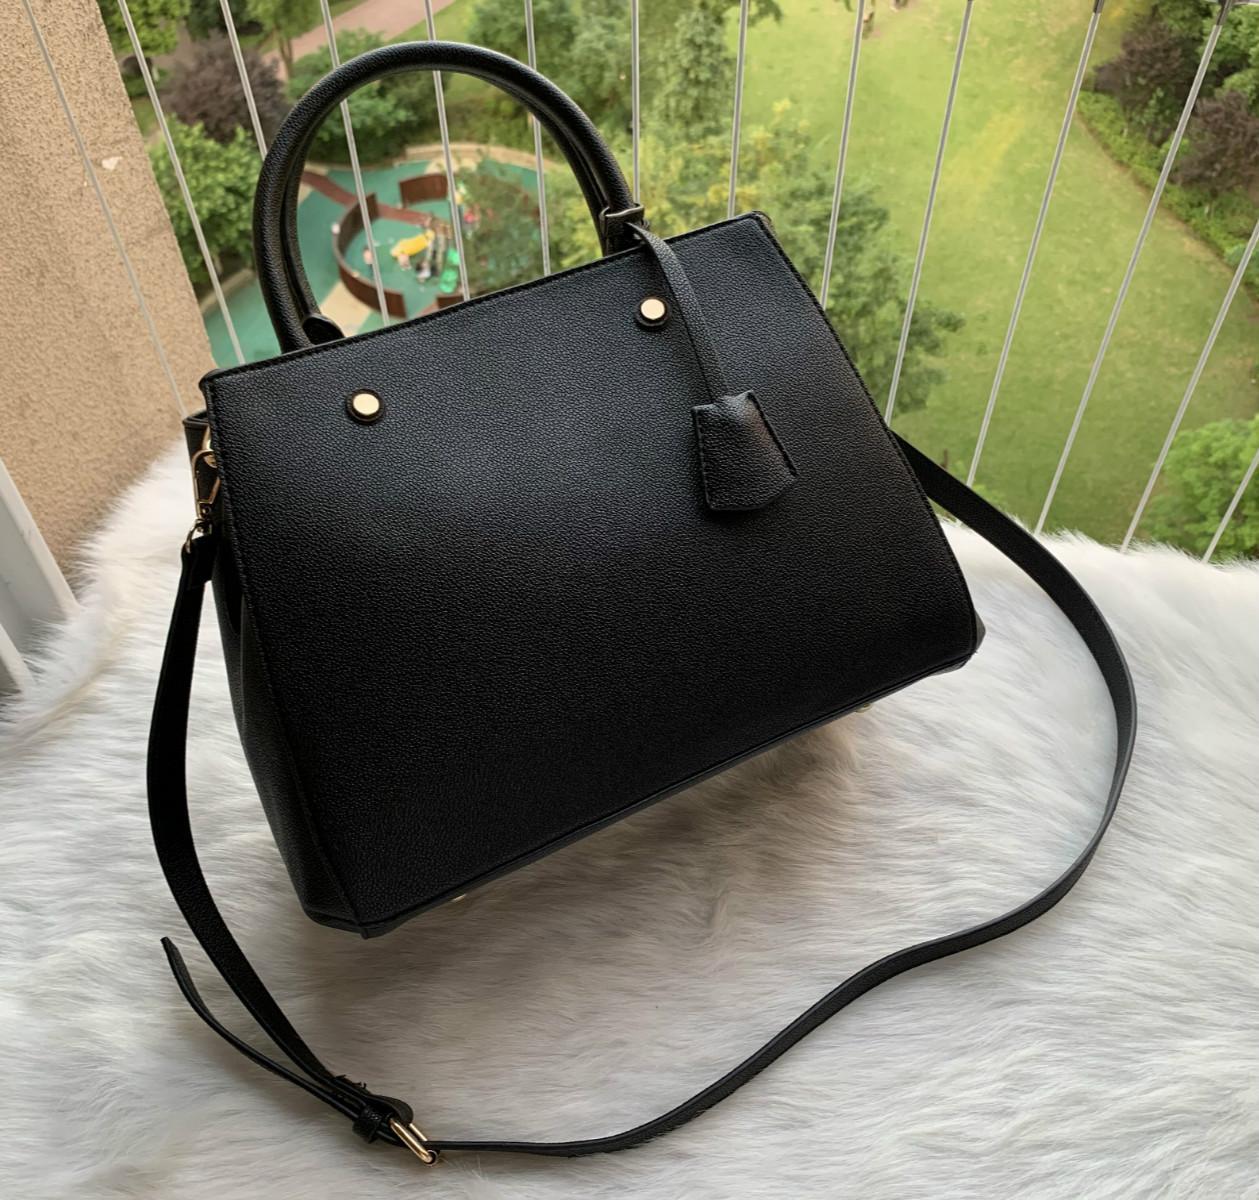 Novo Qualidade superior Genuine PU couro 41056 bolsa de ombro de couro mensageiro saco quadrado clássico bolsa de moda feminina saco